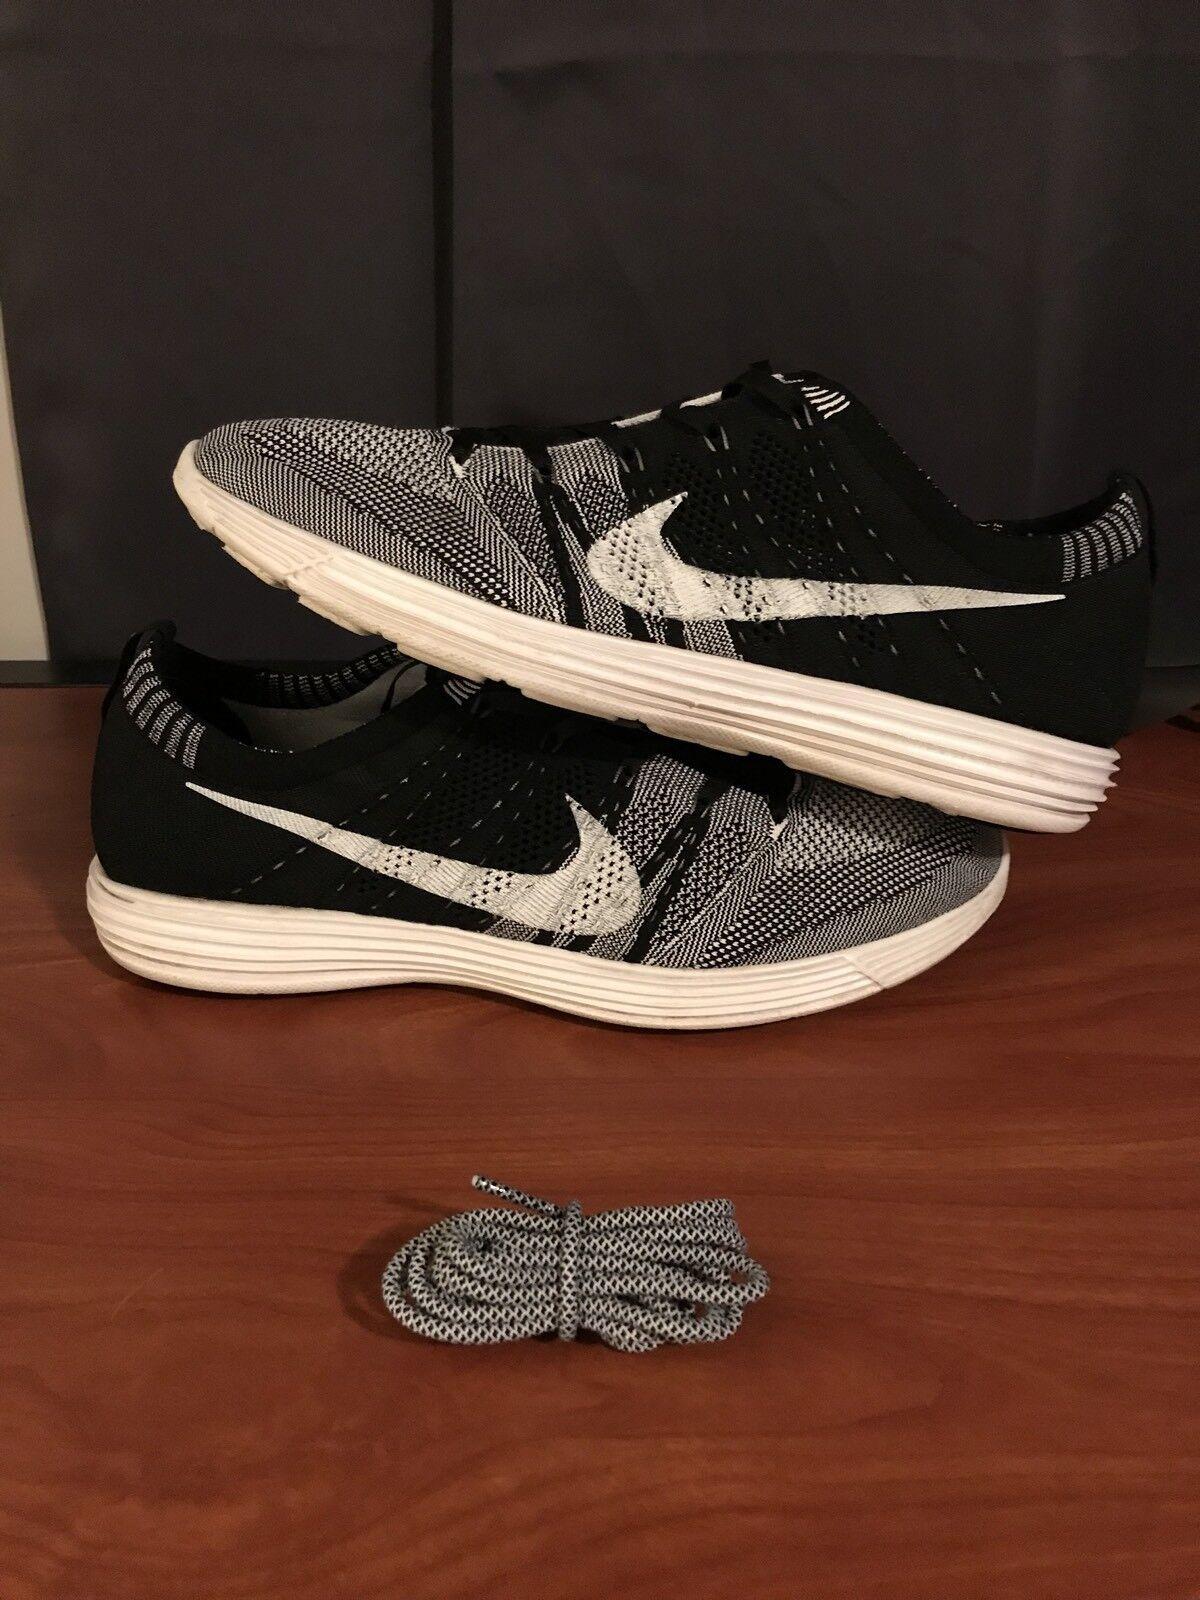 Nike Lunar muestra Flyknit HTM NRG 9 535089 011 hombres hombres cómodos zapatos nuevos para hombres hombres y mujeres, el limitado tiempo de descuento af42c9